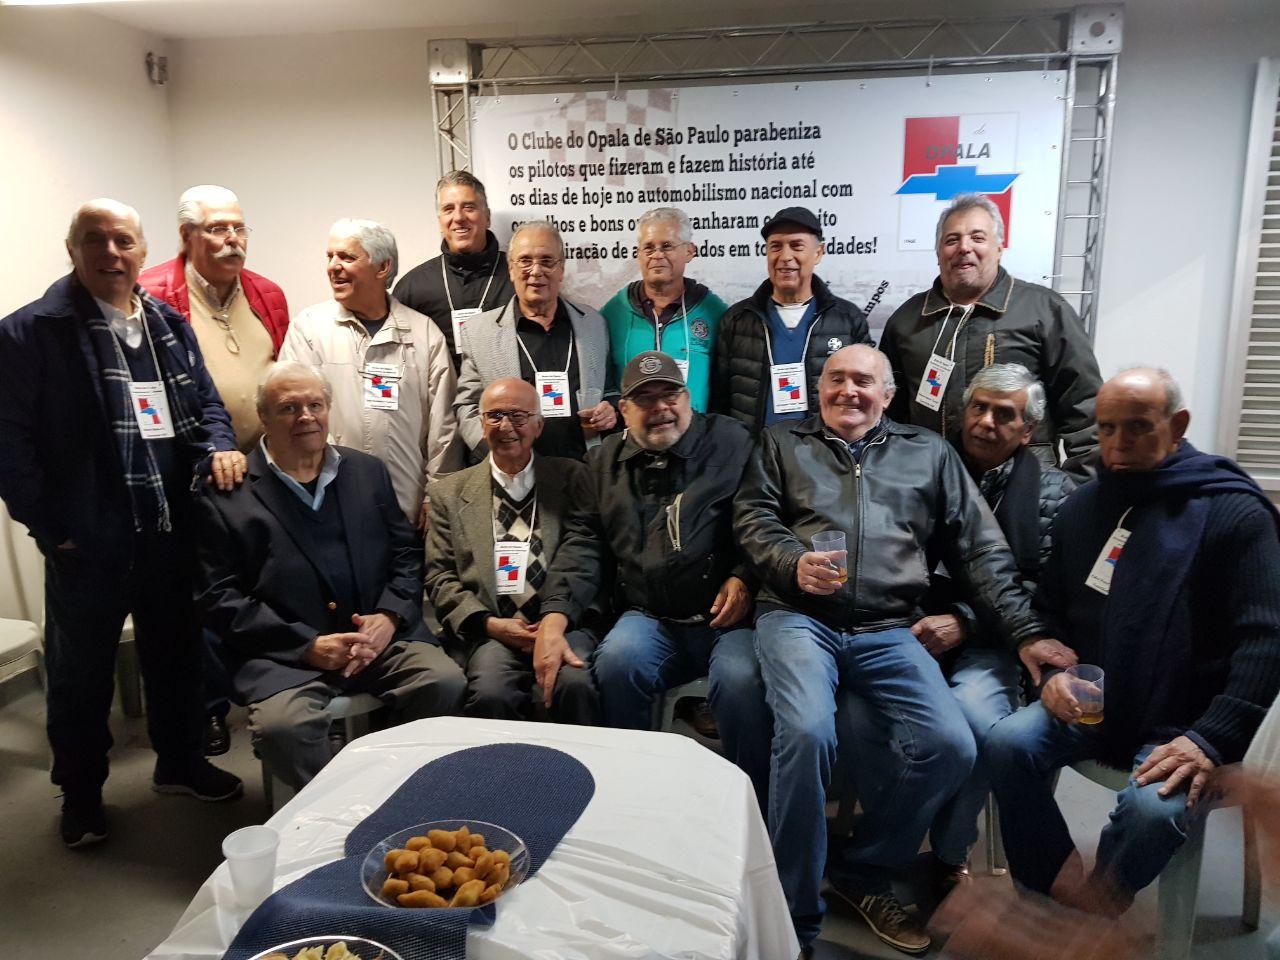 Noite do Opala 2017 - 04 de Julho no Sambódromo do Anhembi - Homenagem aos Pilotos